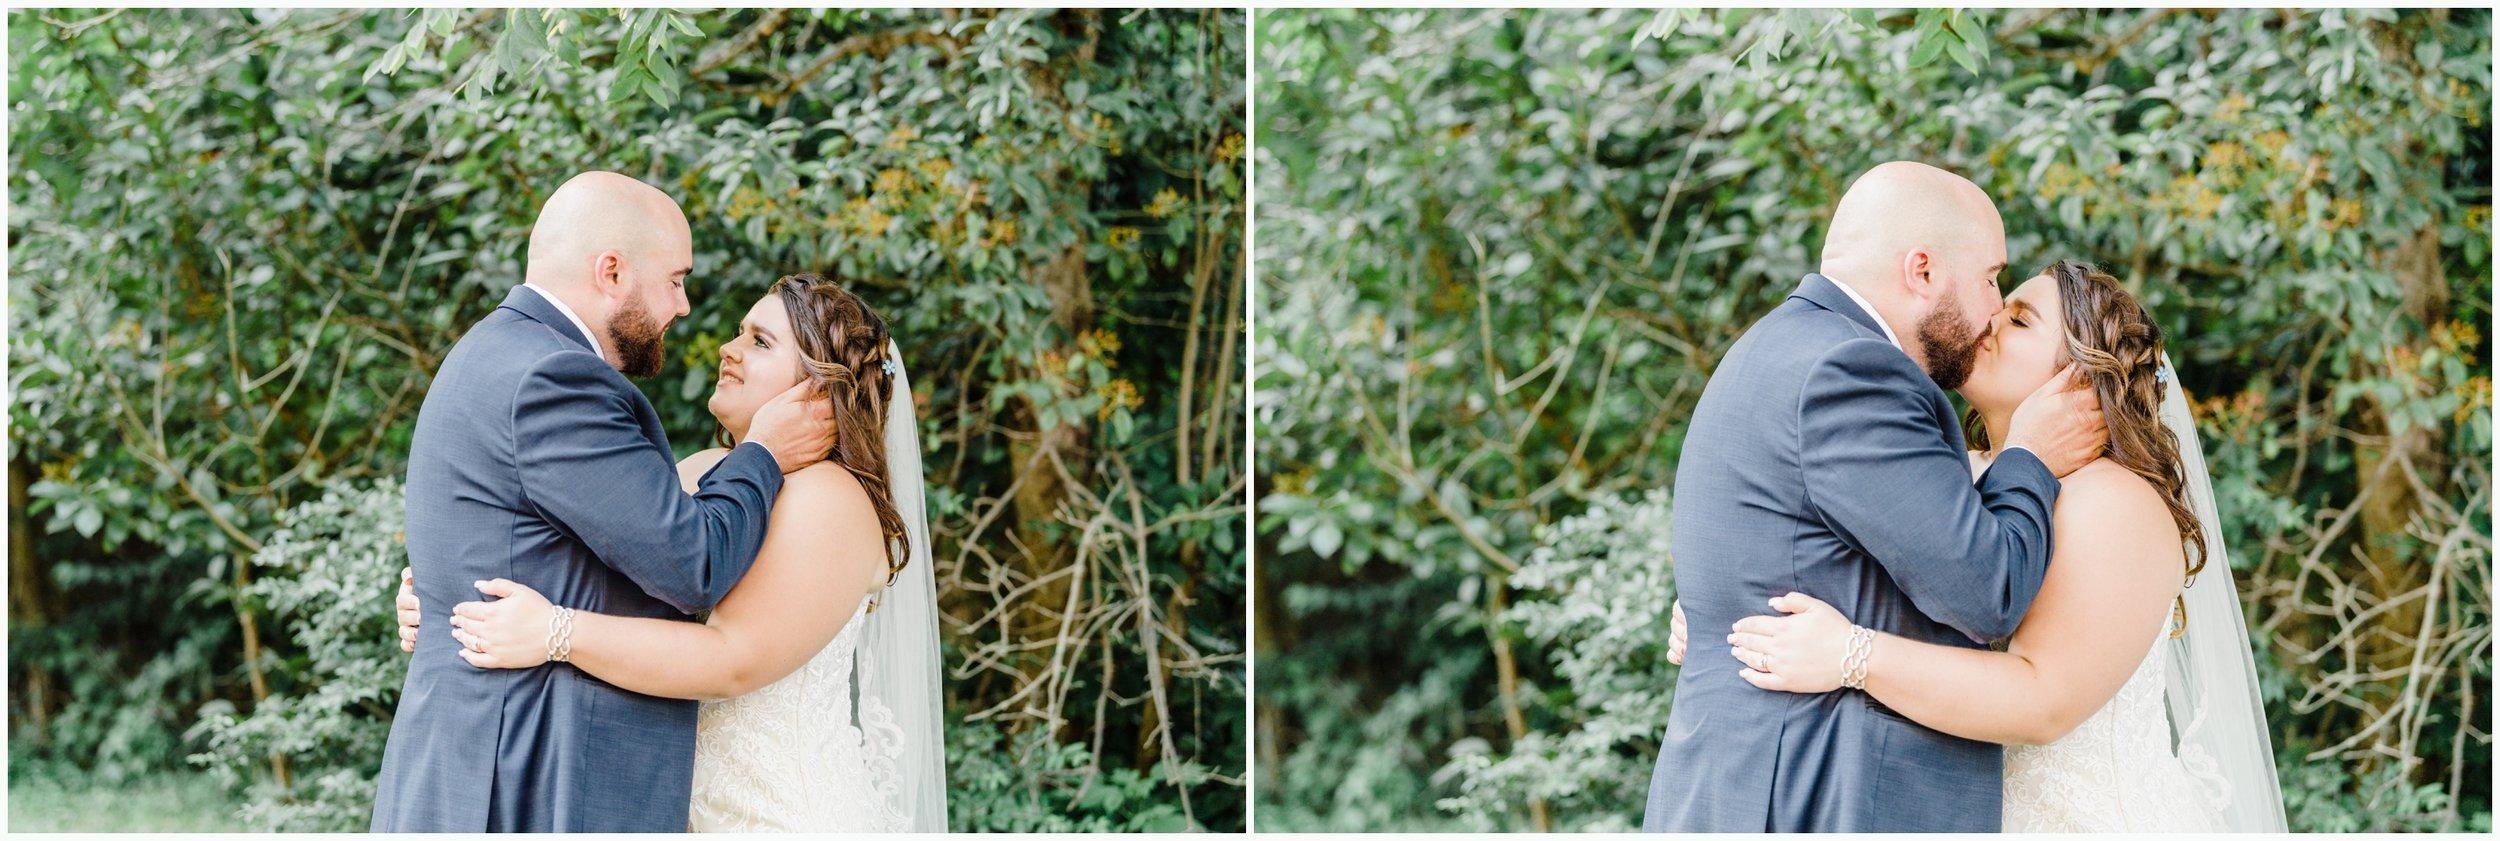 HollyWesTheInnatBarleySheafFarmSharynFrenkelPhotography0086.jpg